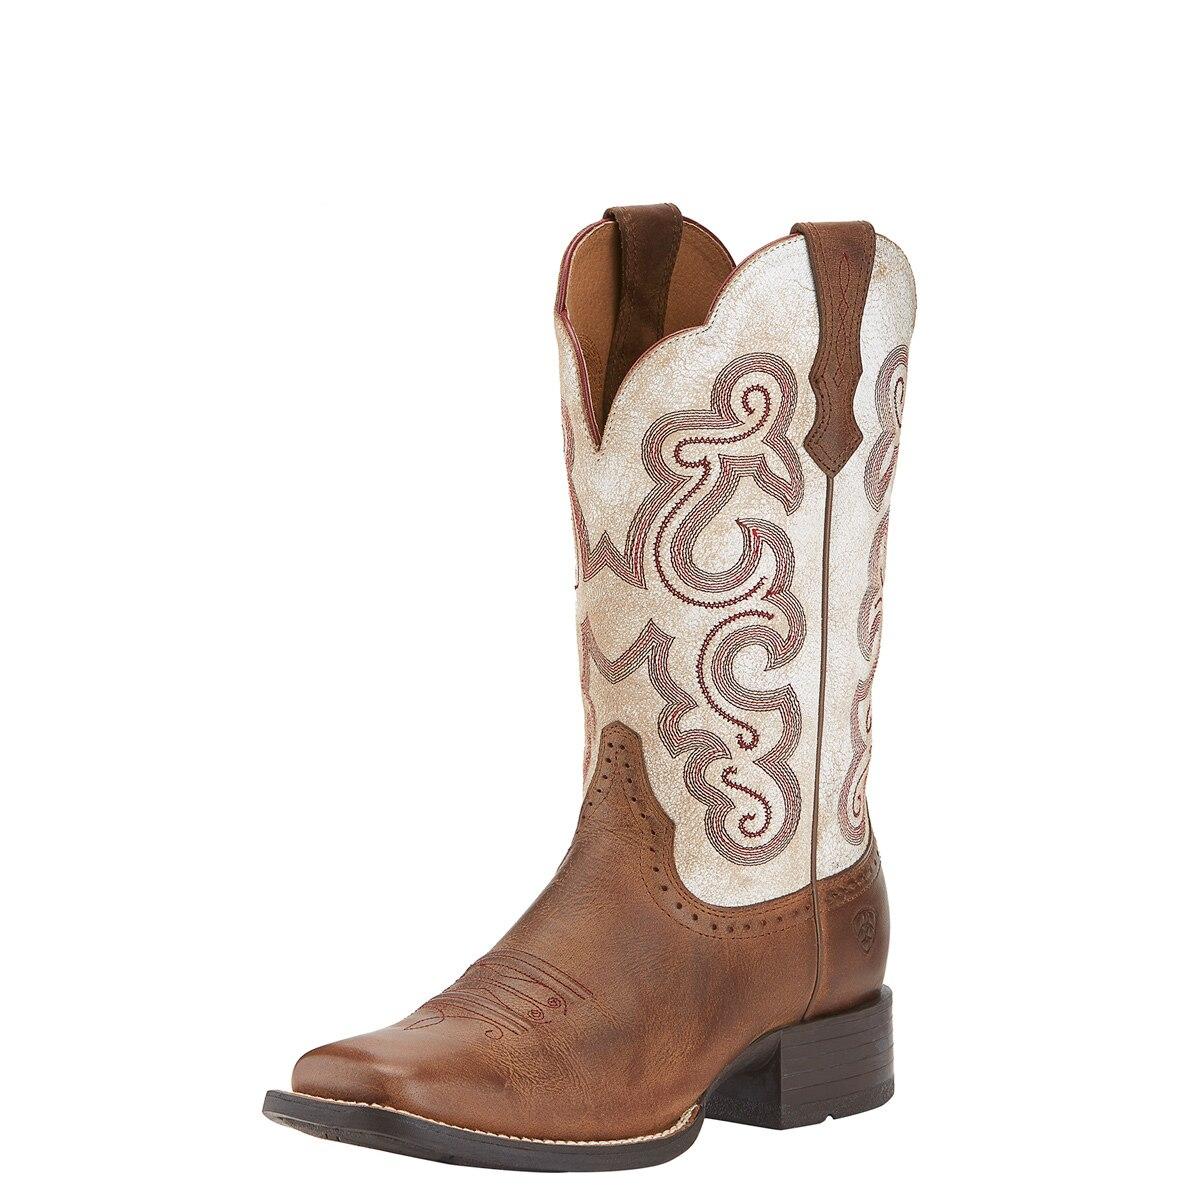 Ariat Women's Quickdraw Boots - Sandstorm